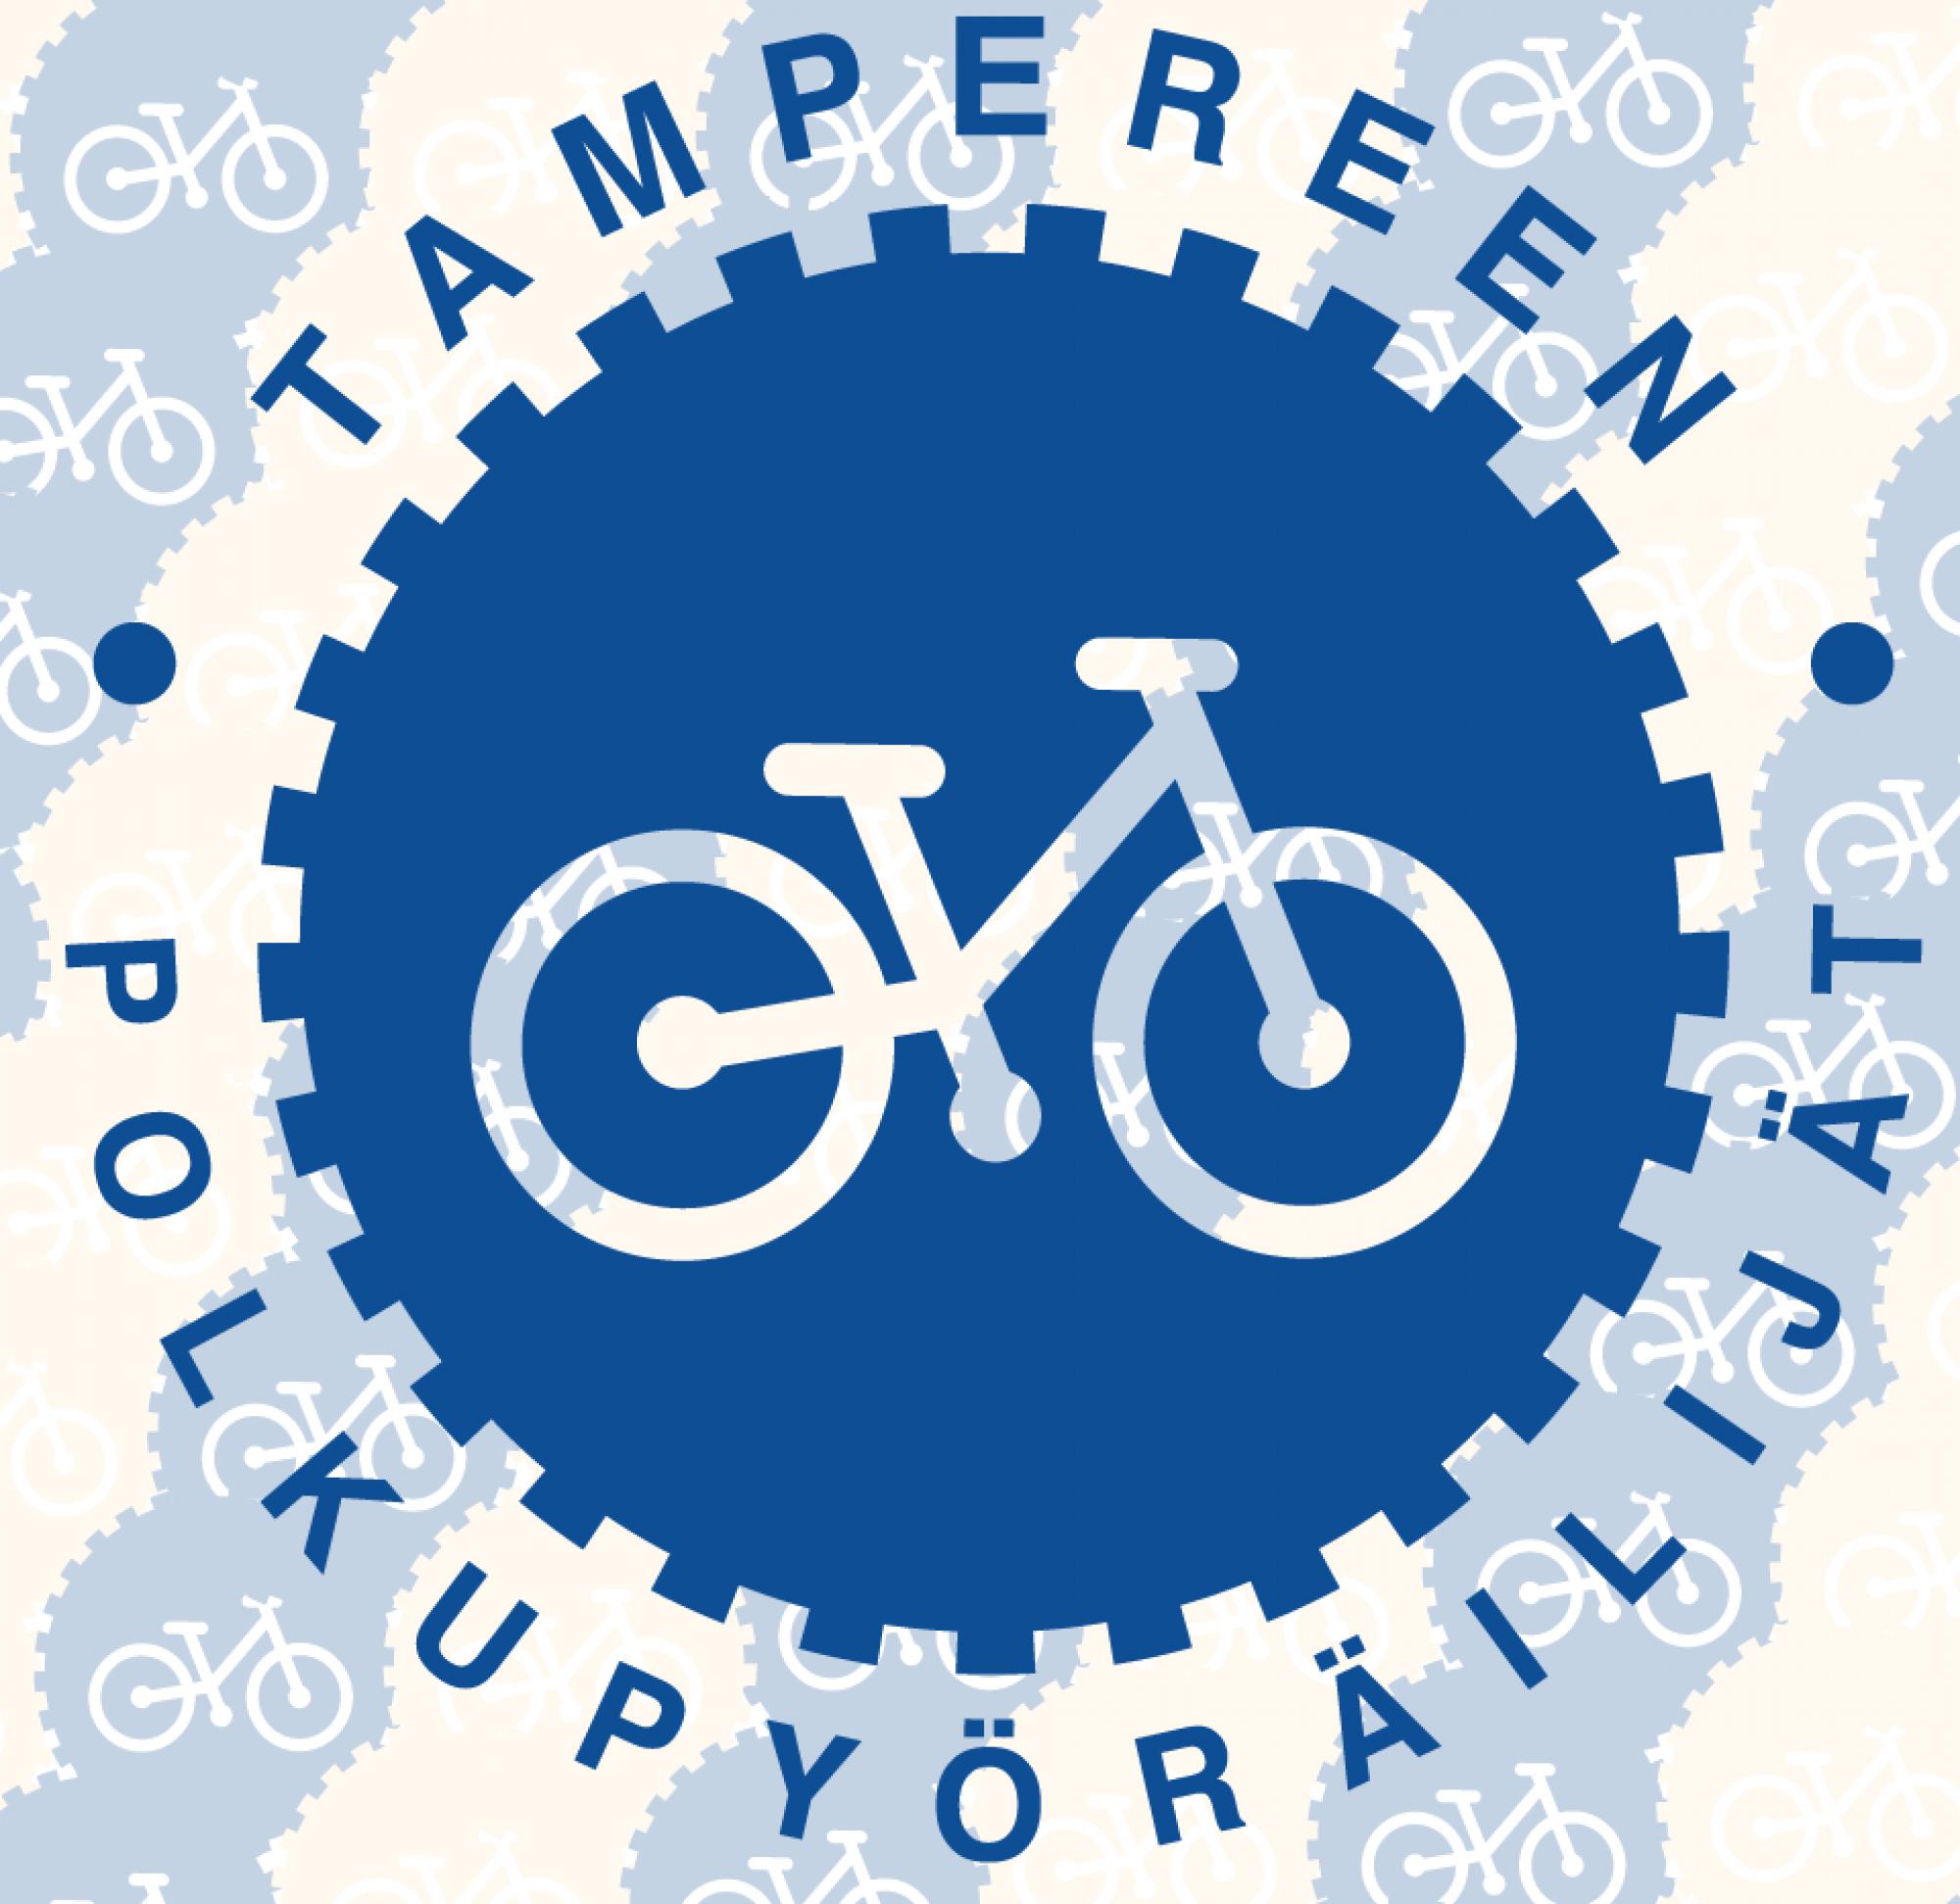 Tampereen polkypyöräilijät Ry